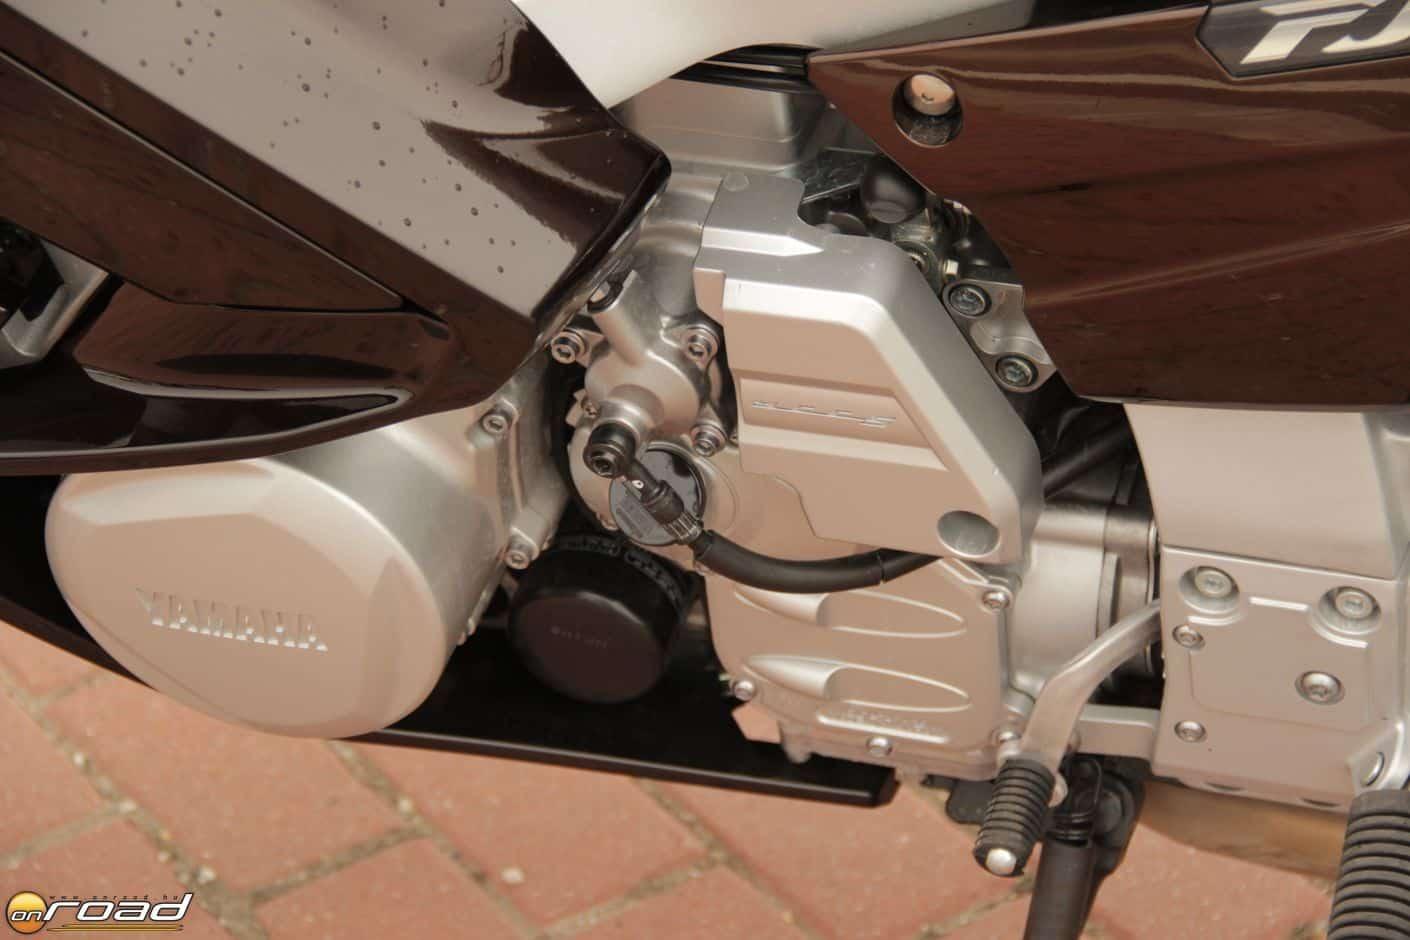 Az FJR majdnem normál öt sebességes váltóját egy automatizált tengelykapcsoló egészíti ki